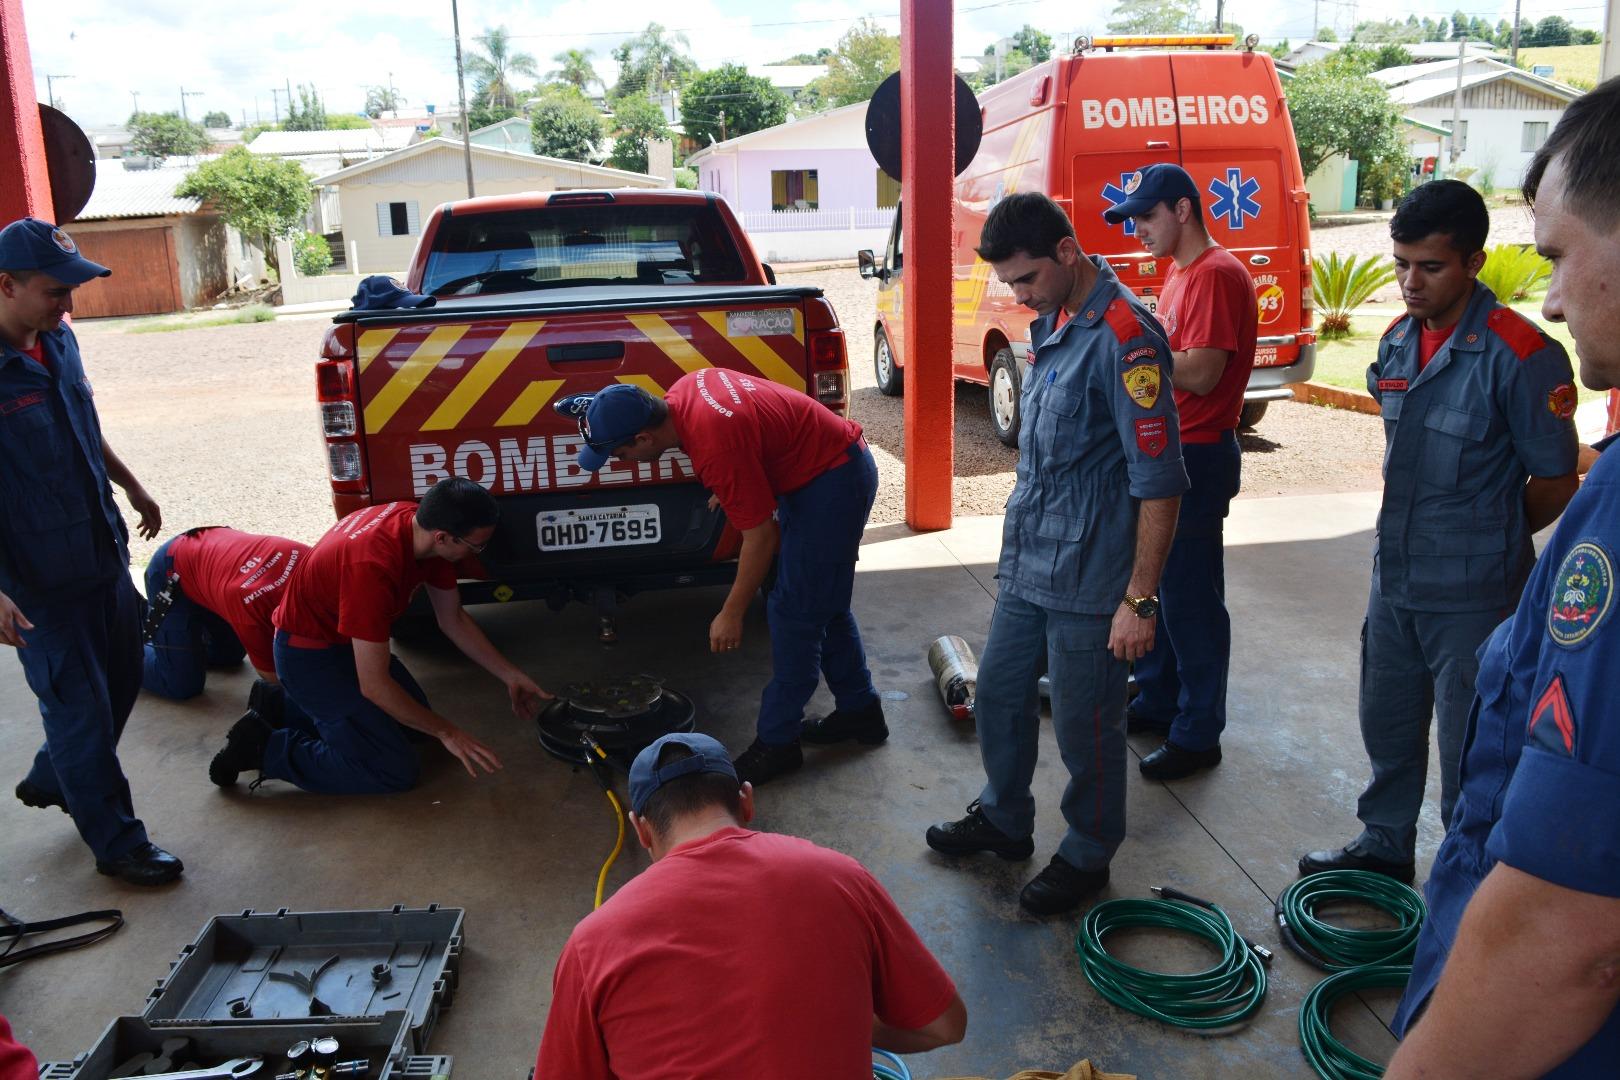 Bombeiros recebem capacitação com almofadas pneumáticas